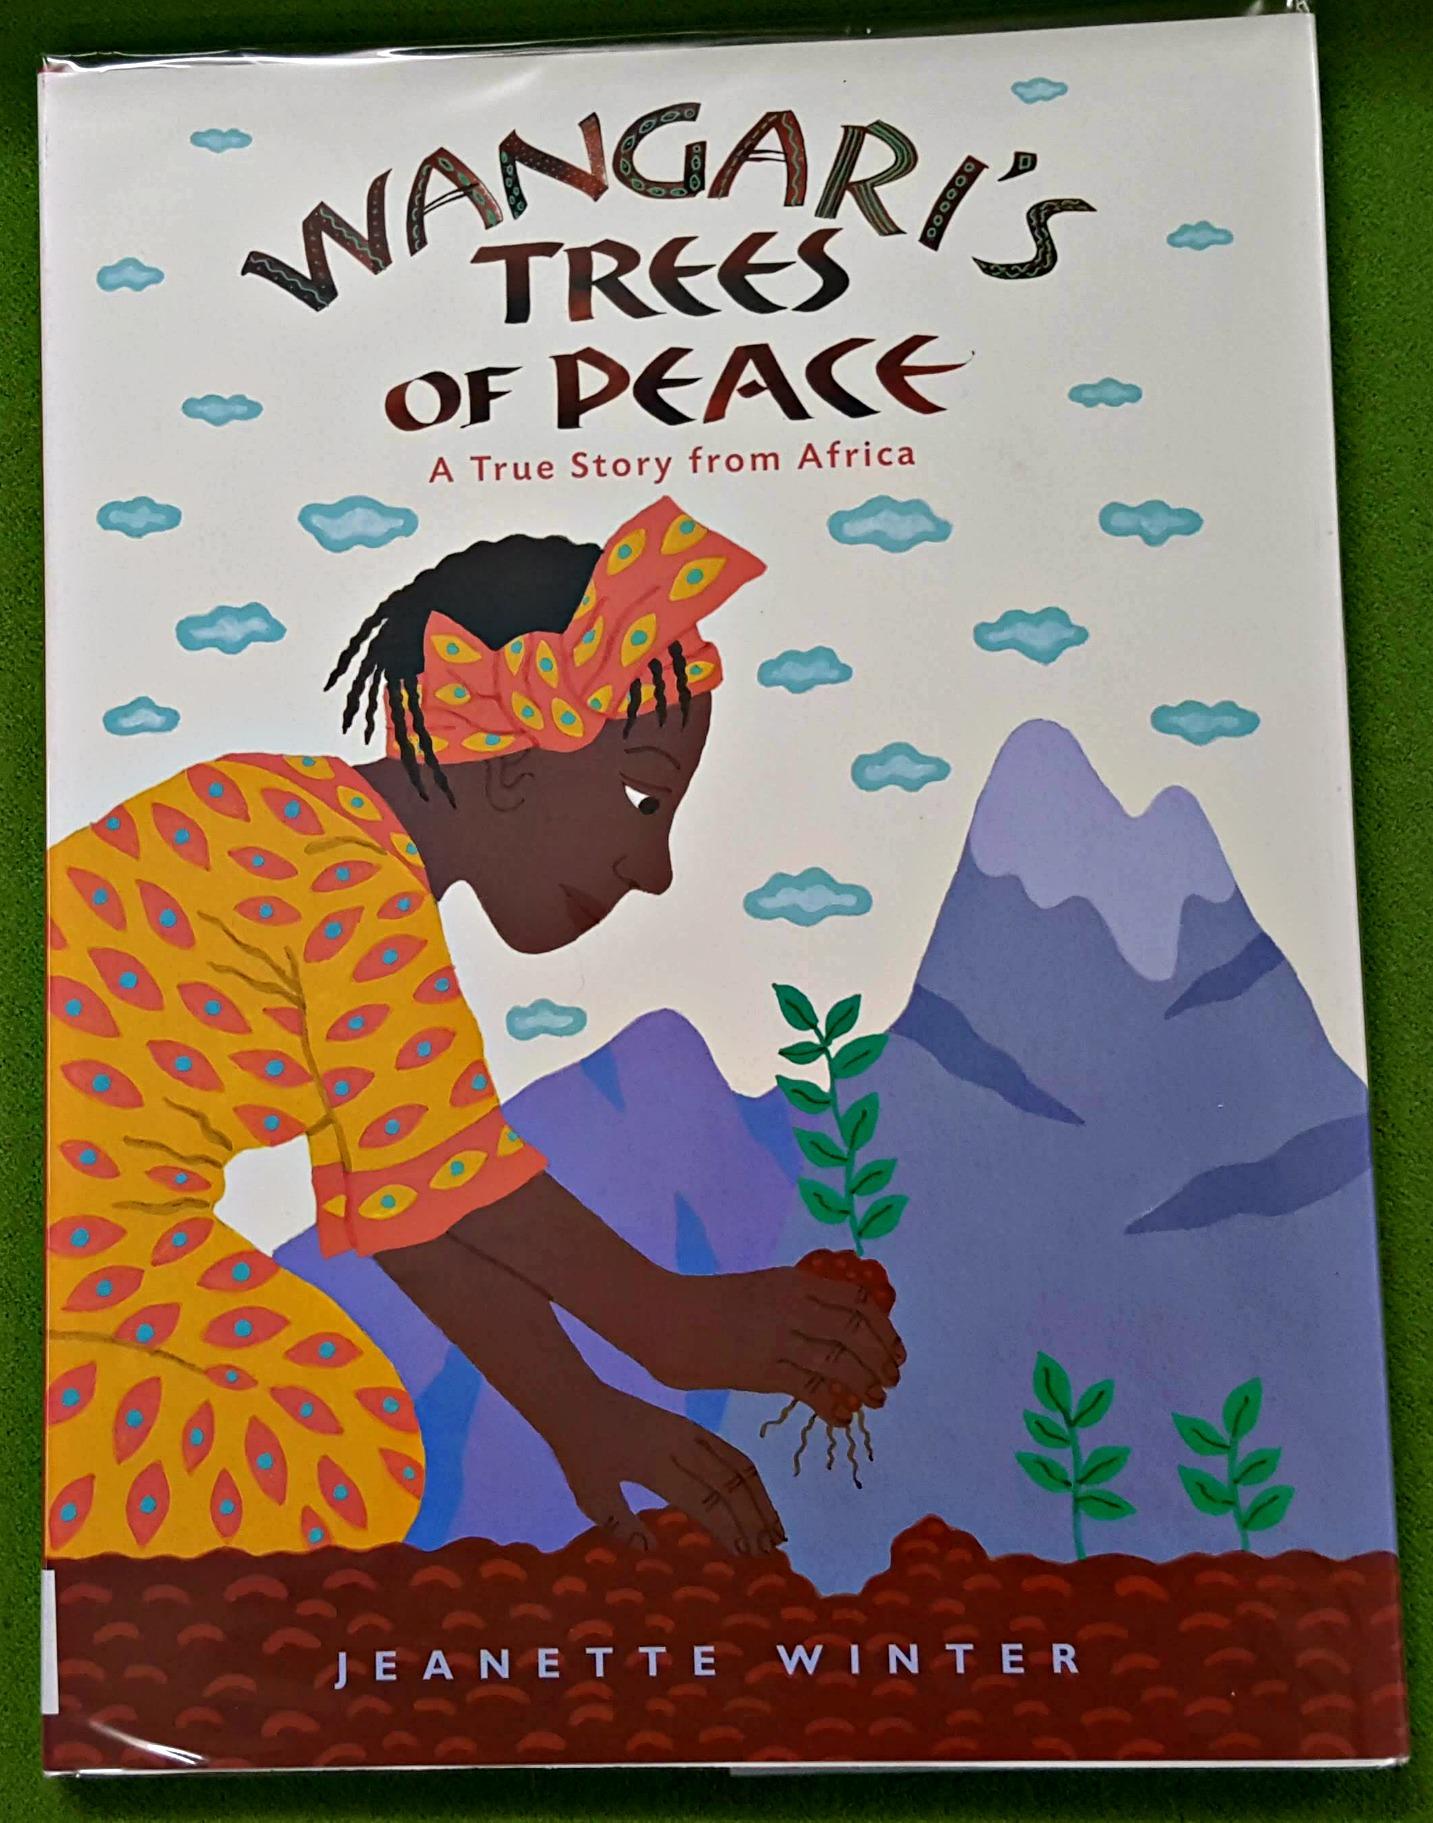 Wangari Maathai planting seeds in Kenya